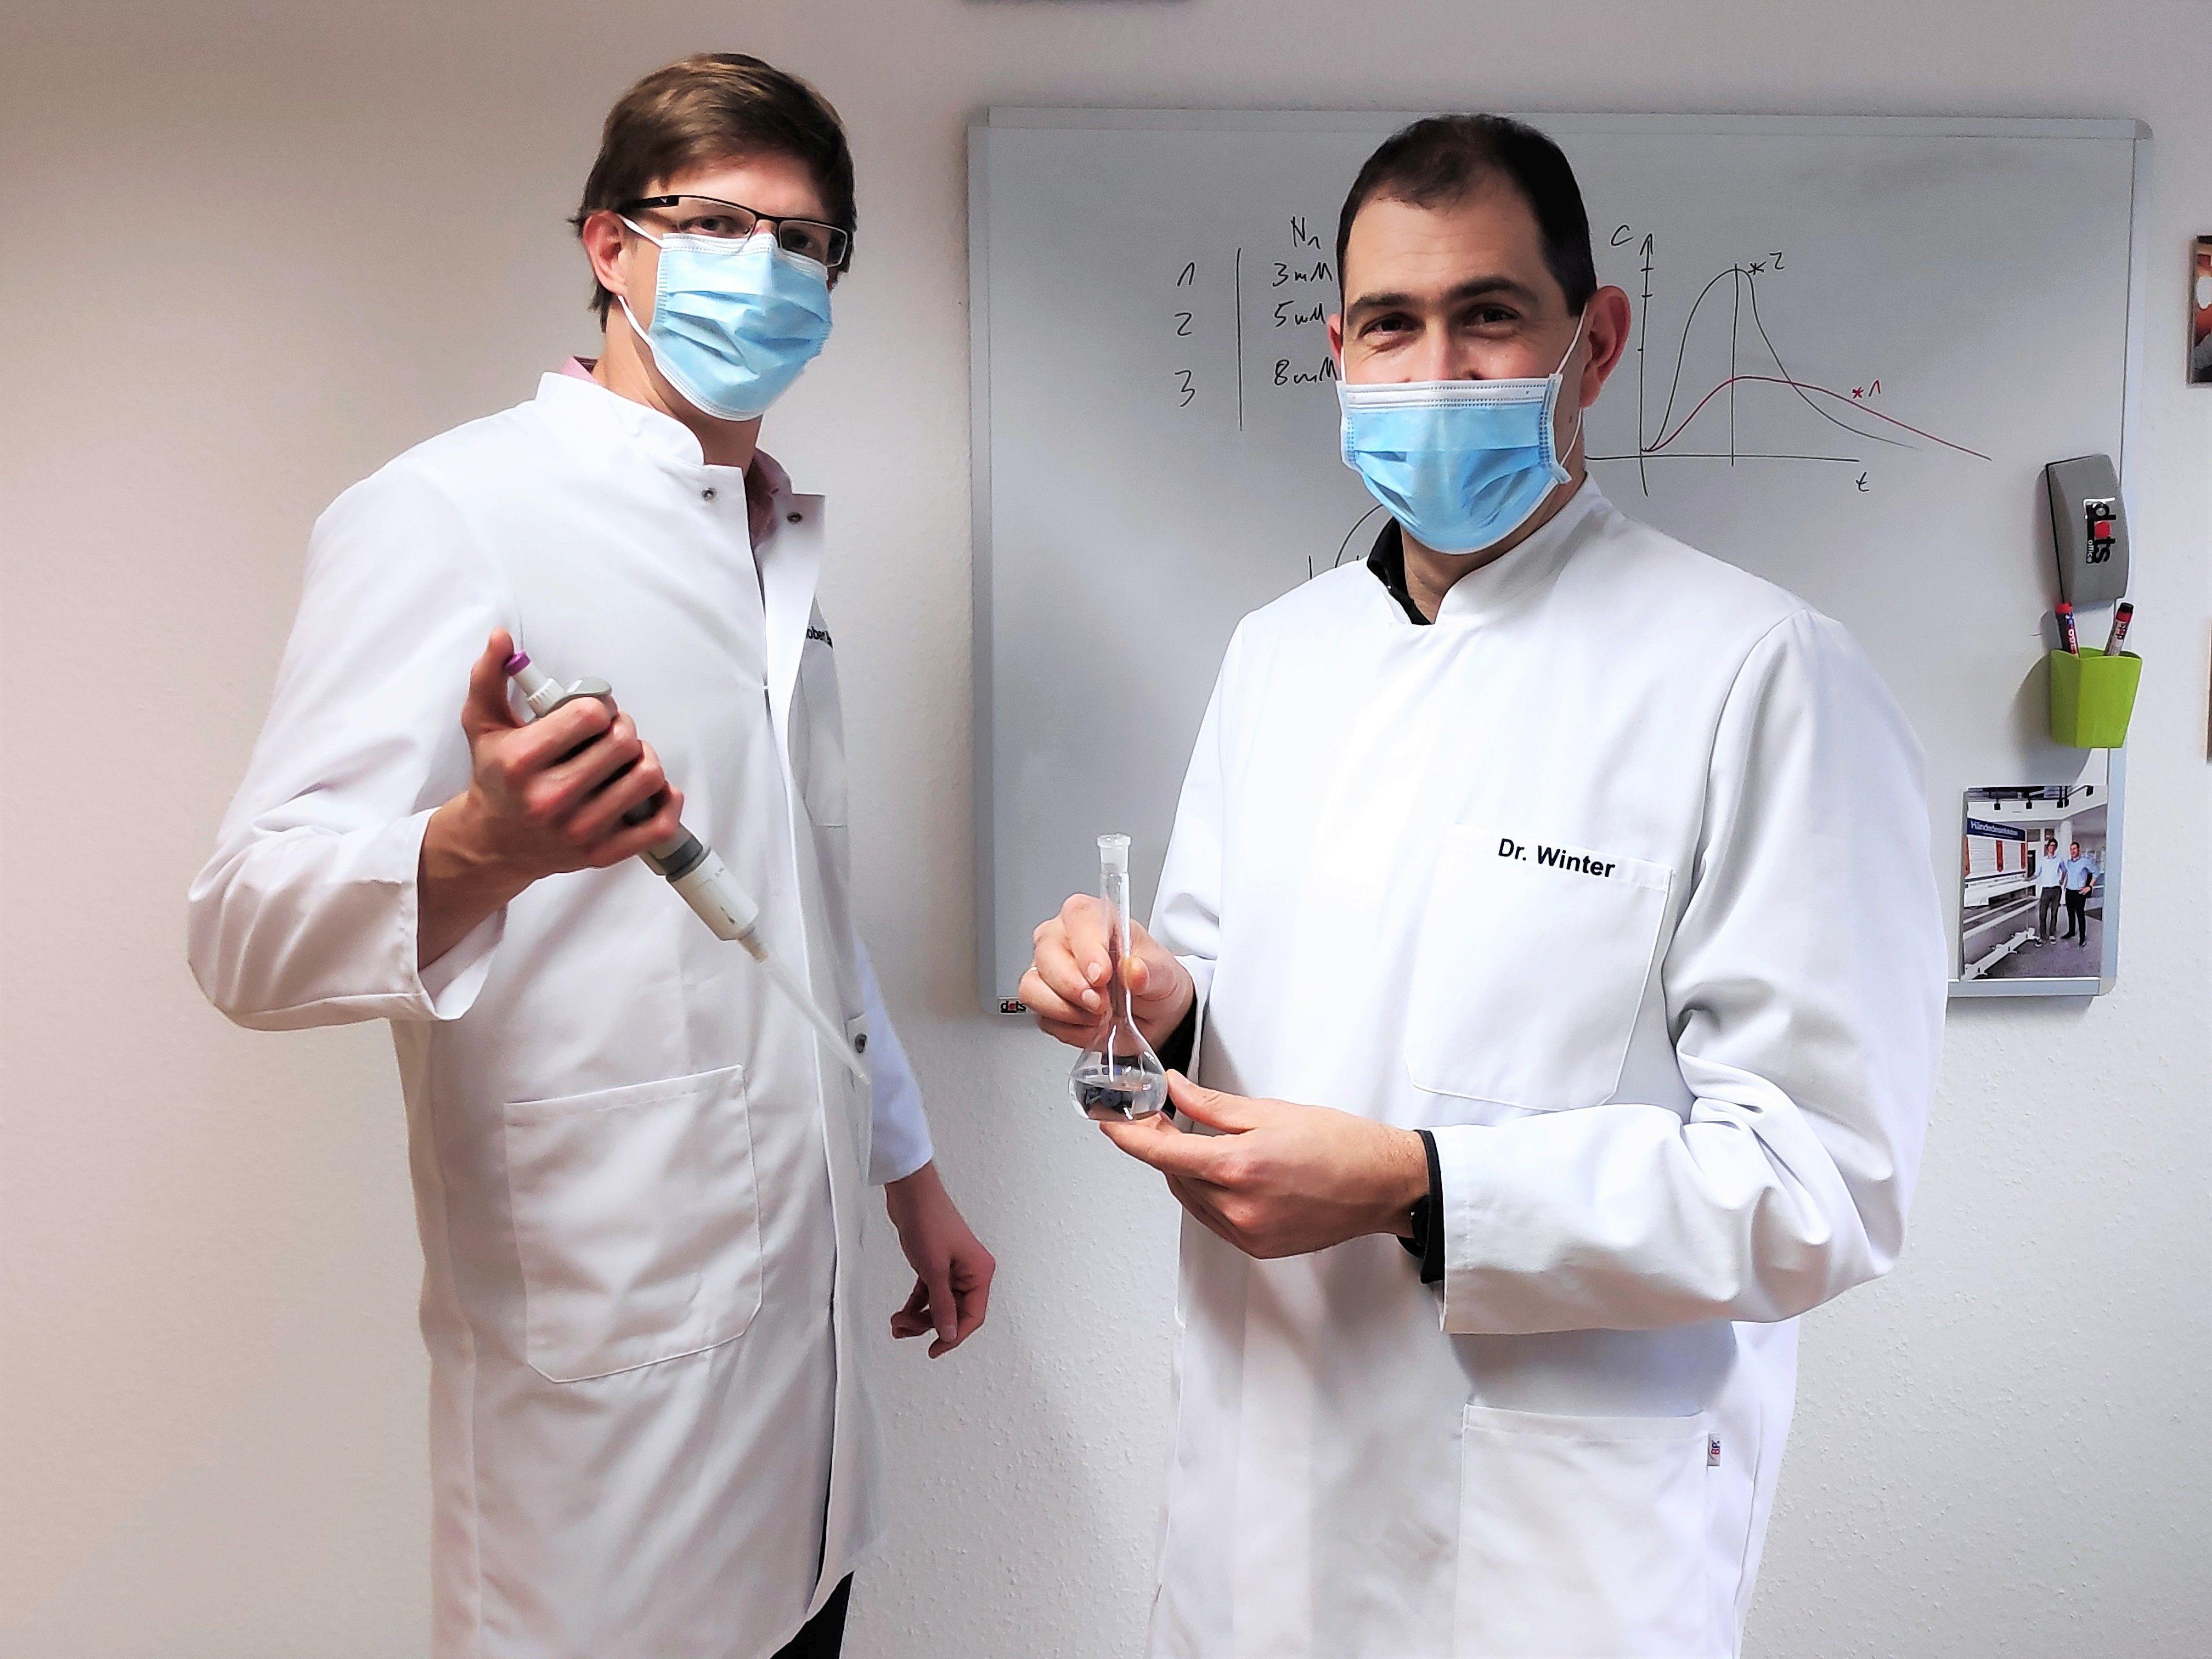 Nebula Biocides GmbH